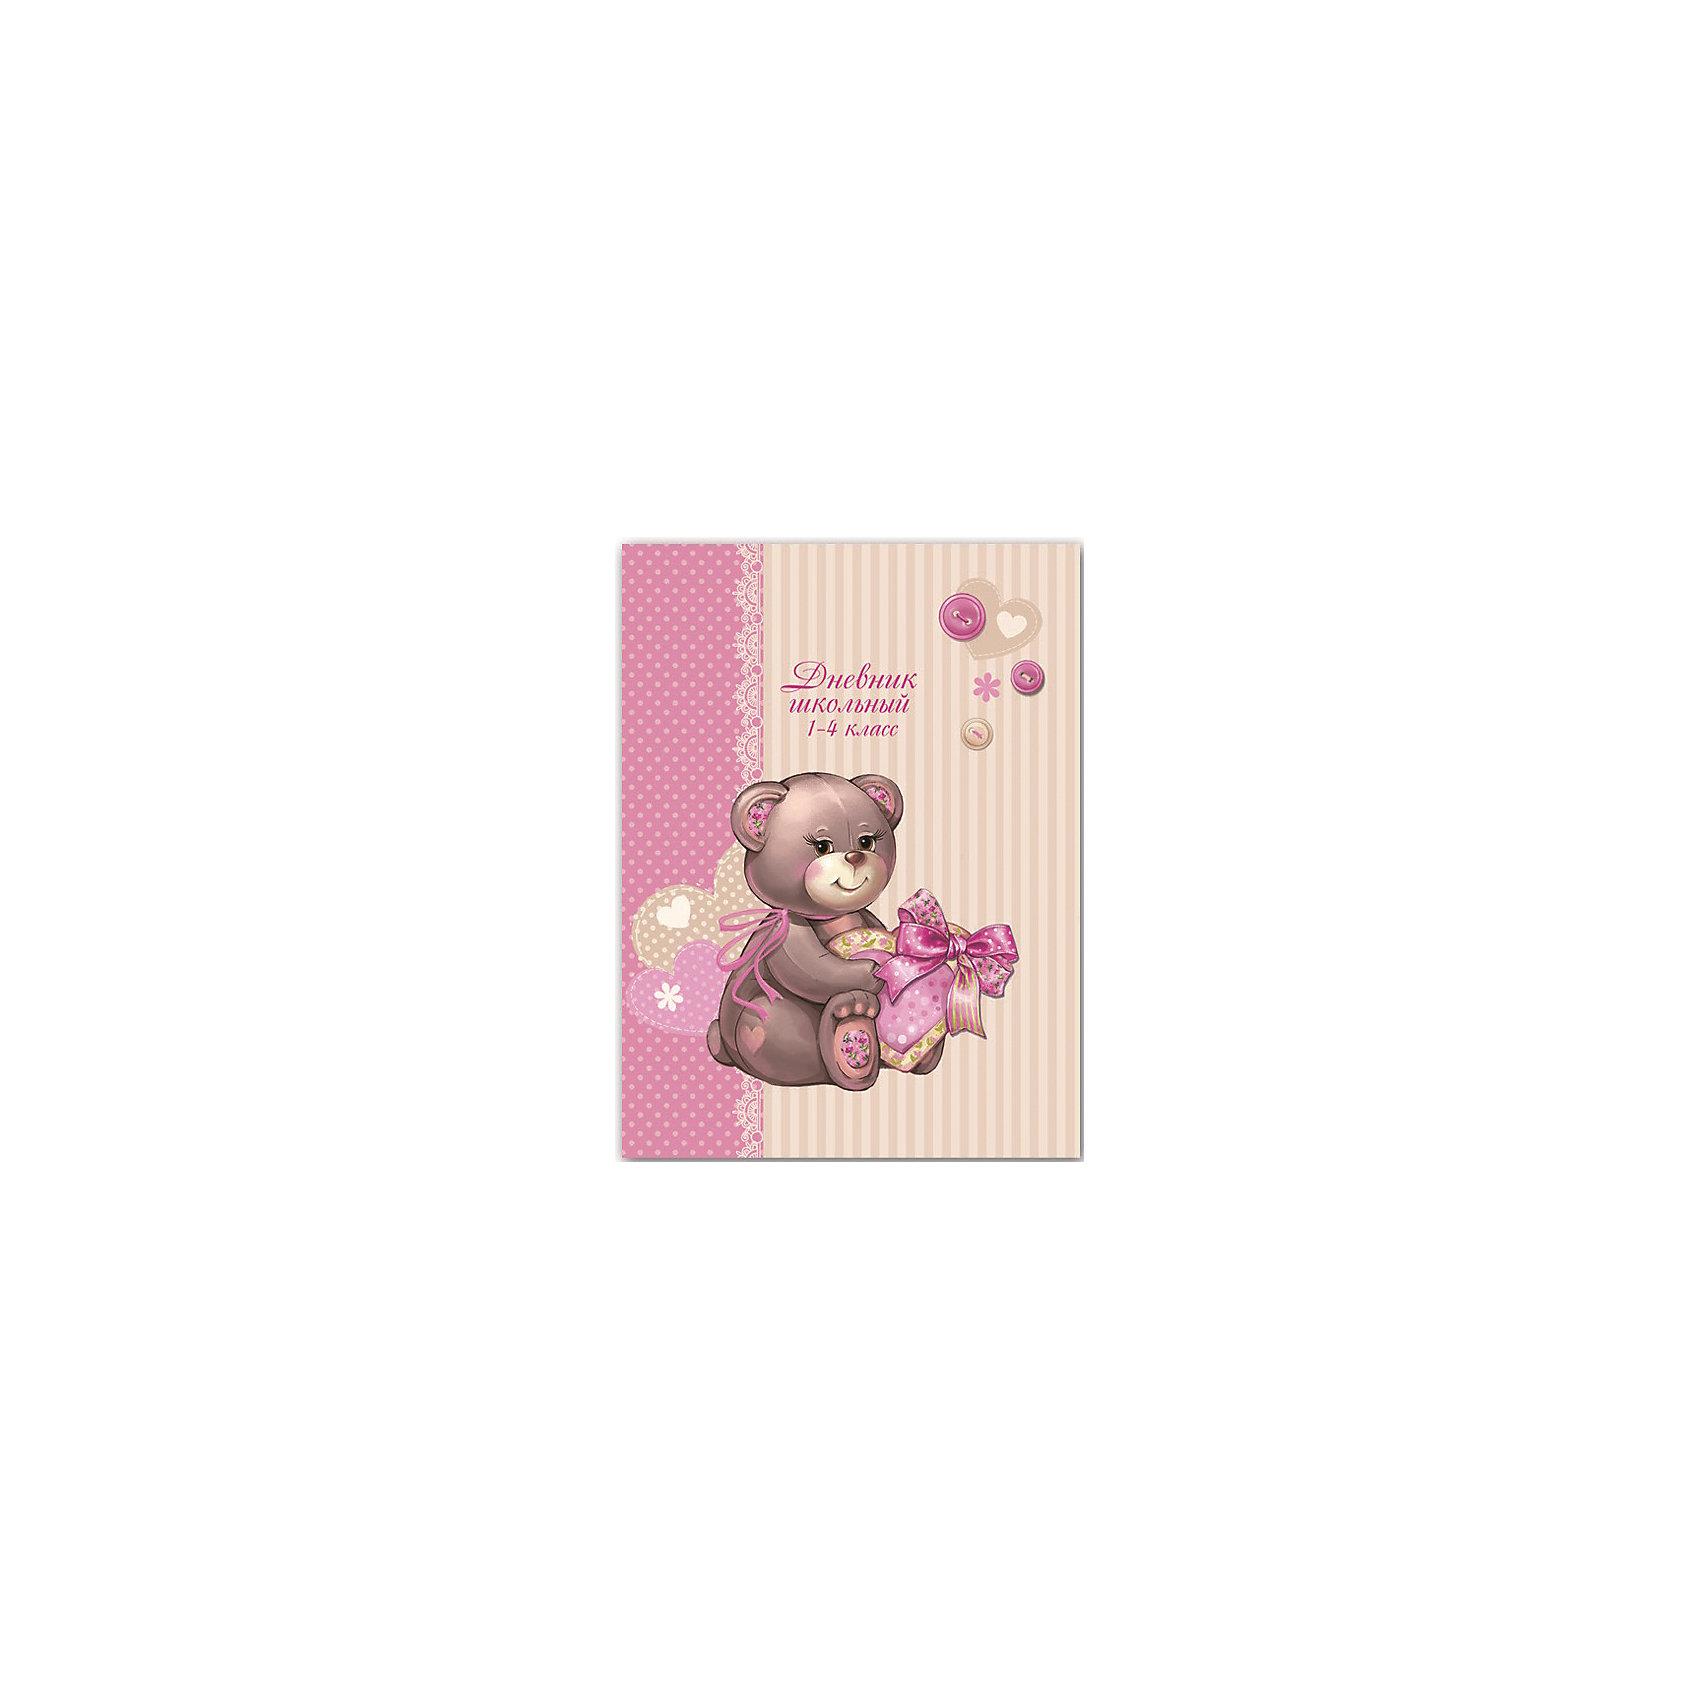 Дневник Медвежонок с сердцем, 1-4 классДневник нужен каждому школьнику. Занятия ребенка в школе всегда требуют приобретения атрибутов для учебы. Так пусть они будут стильными и качественными! Ведь учиться с ними - намного приятней.<br>Школьный дневник Медвежонок с сердцем - стандартного формата А5. Обложка - из плотной бумаги с изображением симпатичного медвежонка. Листы надежно скреплены. Этот дневник предназначен для учеников начальной школы. Изделие произведено из качественных и безопасных для ребенка материалов.<br><br>Дополнительная информация:<br><br>цвет: разноцветный;<br>формат: А5;<br>материал: бумага.<br><br>Дневник Медвежонок с сердцем, 1-4 класс можно купить в нашем магазине.<br><br>Ширина мм: 220<br>Глубина мм: 170<br>Высота мм: 10<br>Вес г: 225<br>Возраст от месяцев: 72<br>Возраст до месяцев: 120<br>Пол: Женский<br>Возраст: Детский<br>SKU: 4746192